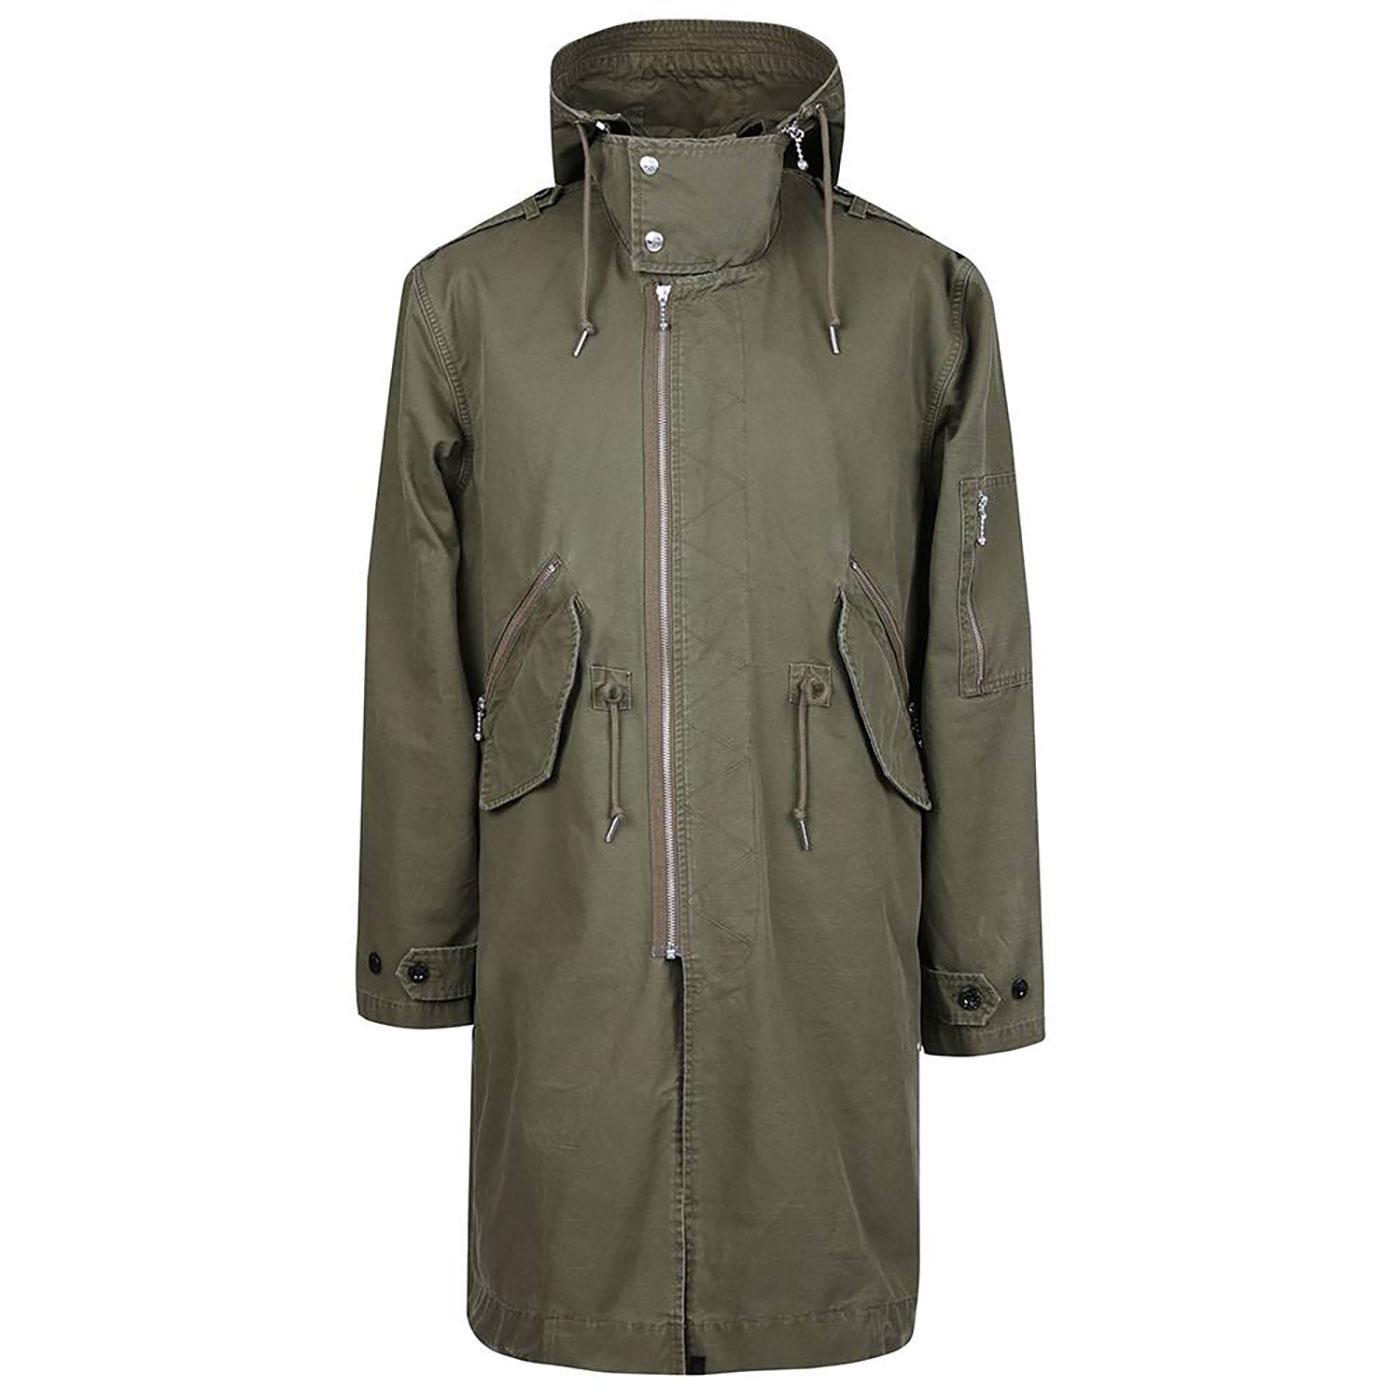 PRETTY GREEN Sixties Mod Zip Through Parka Jacket